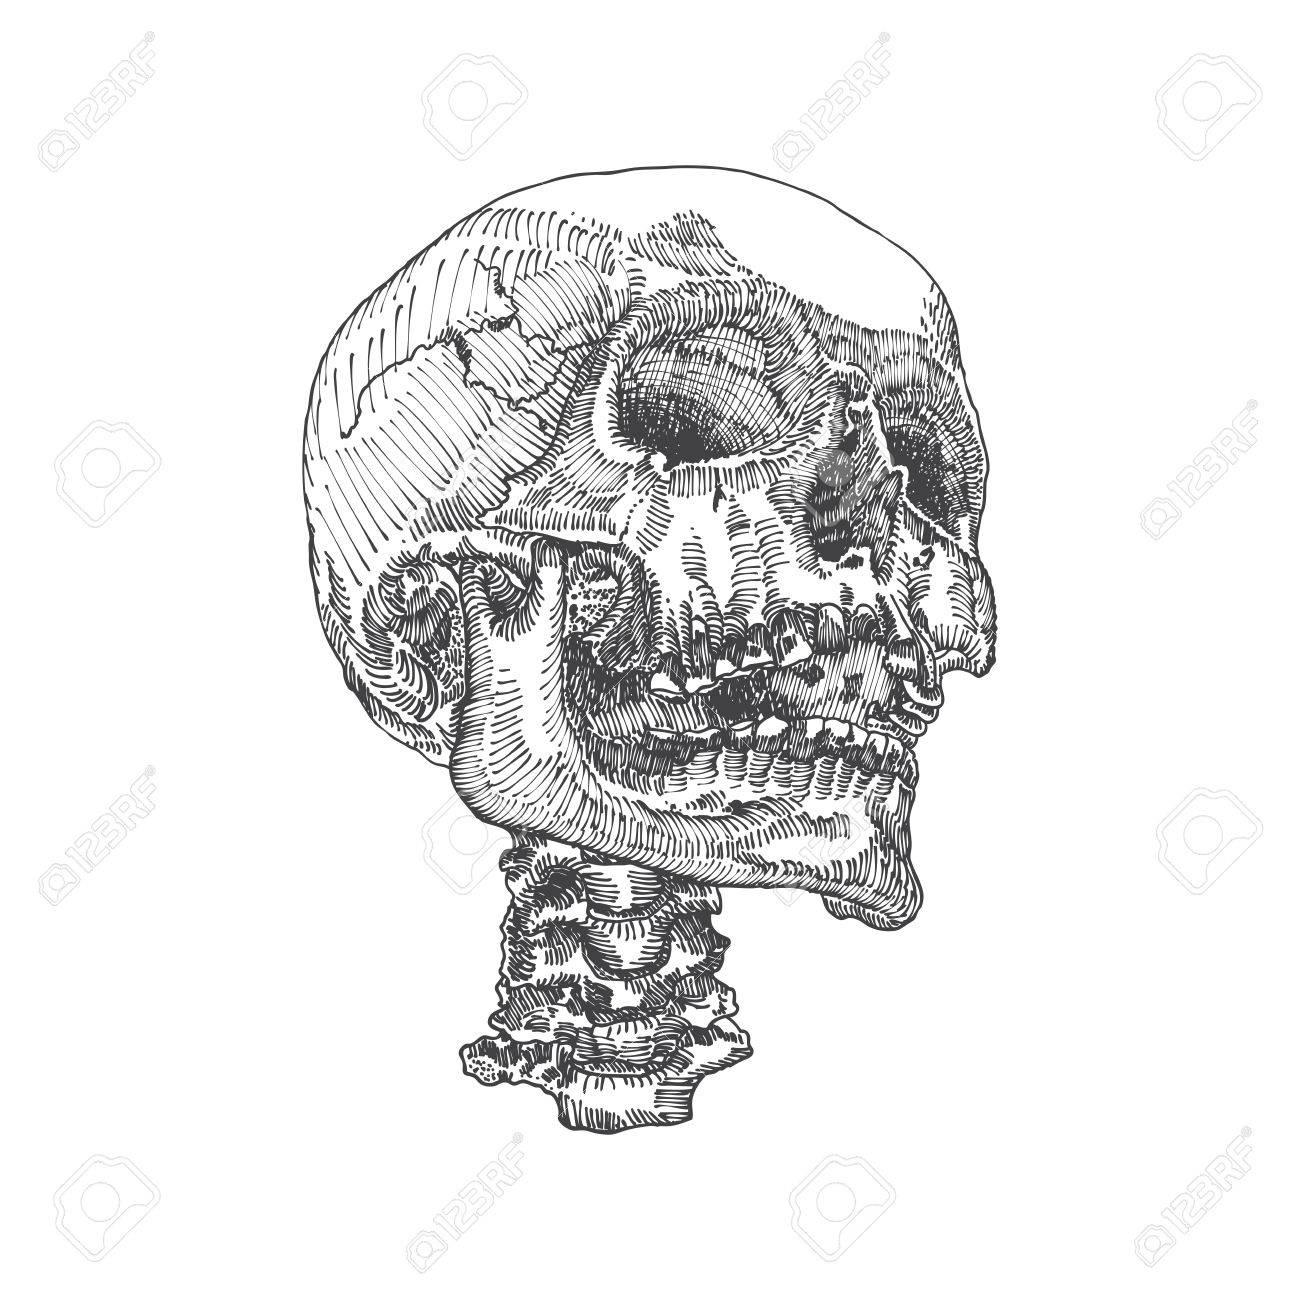 Ausgezeichnet Mund Anatomie Ideen - Anatomie Ideen - finotti.info